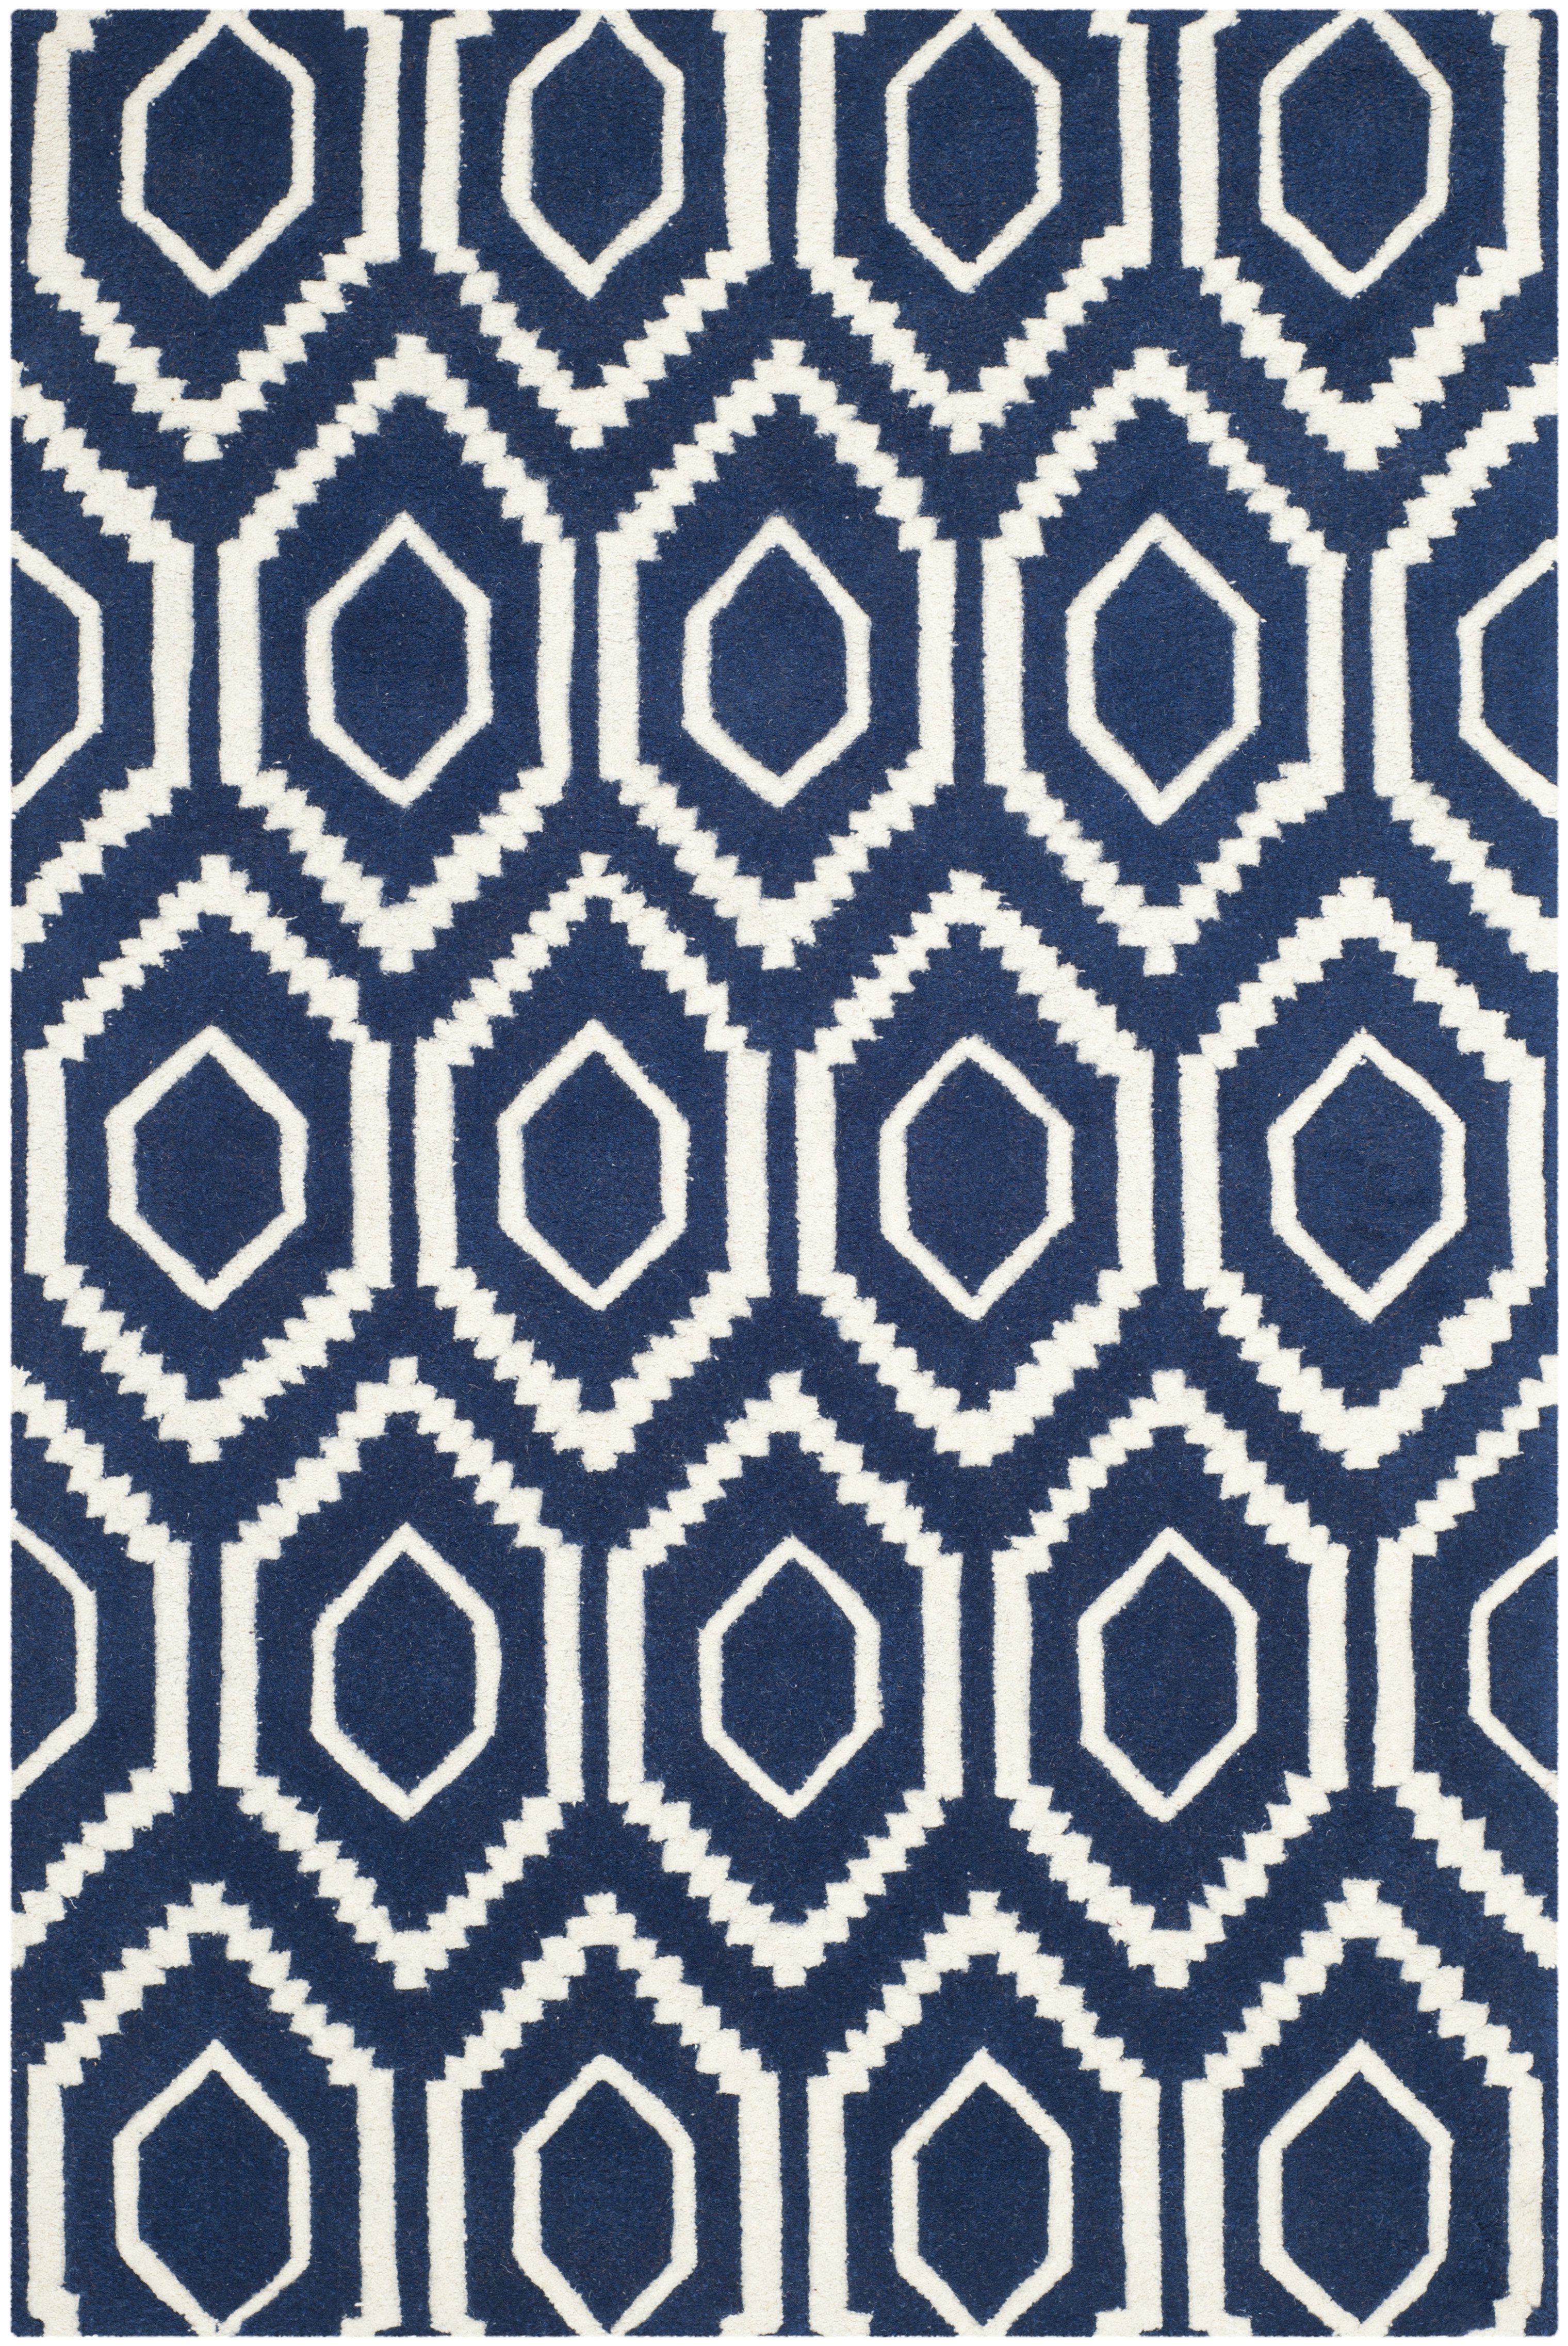 Tapis de salon moderne  bleu foncé et ivoire 121x182